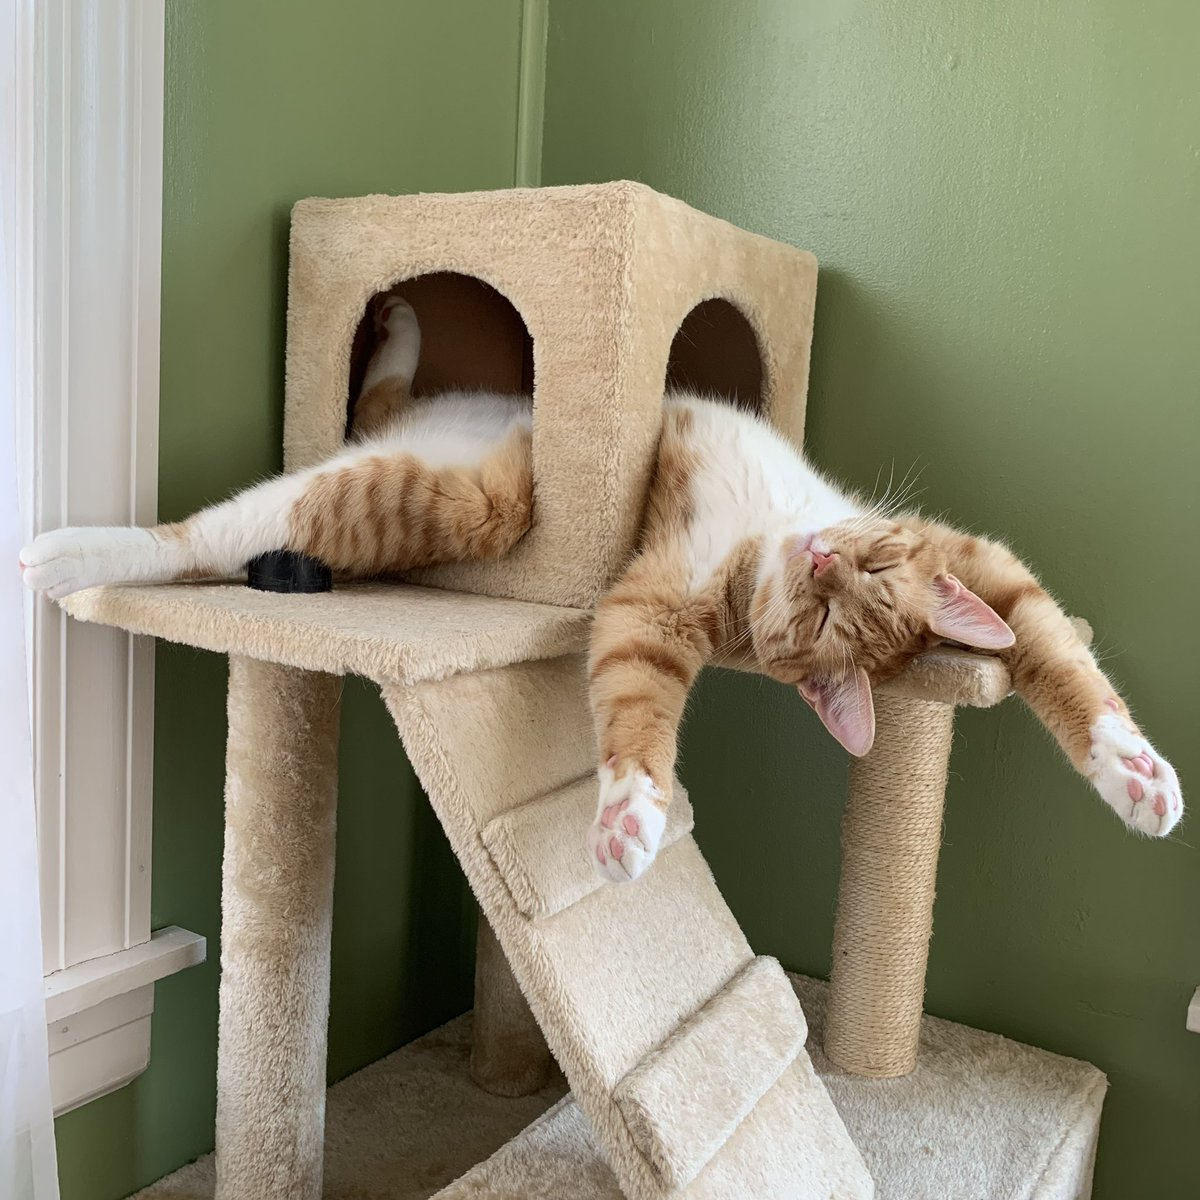 Когда сон застал врасплох: подборка забавных поз животных во время сна